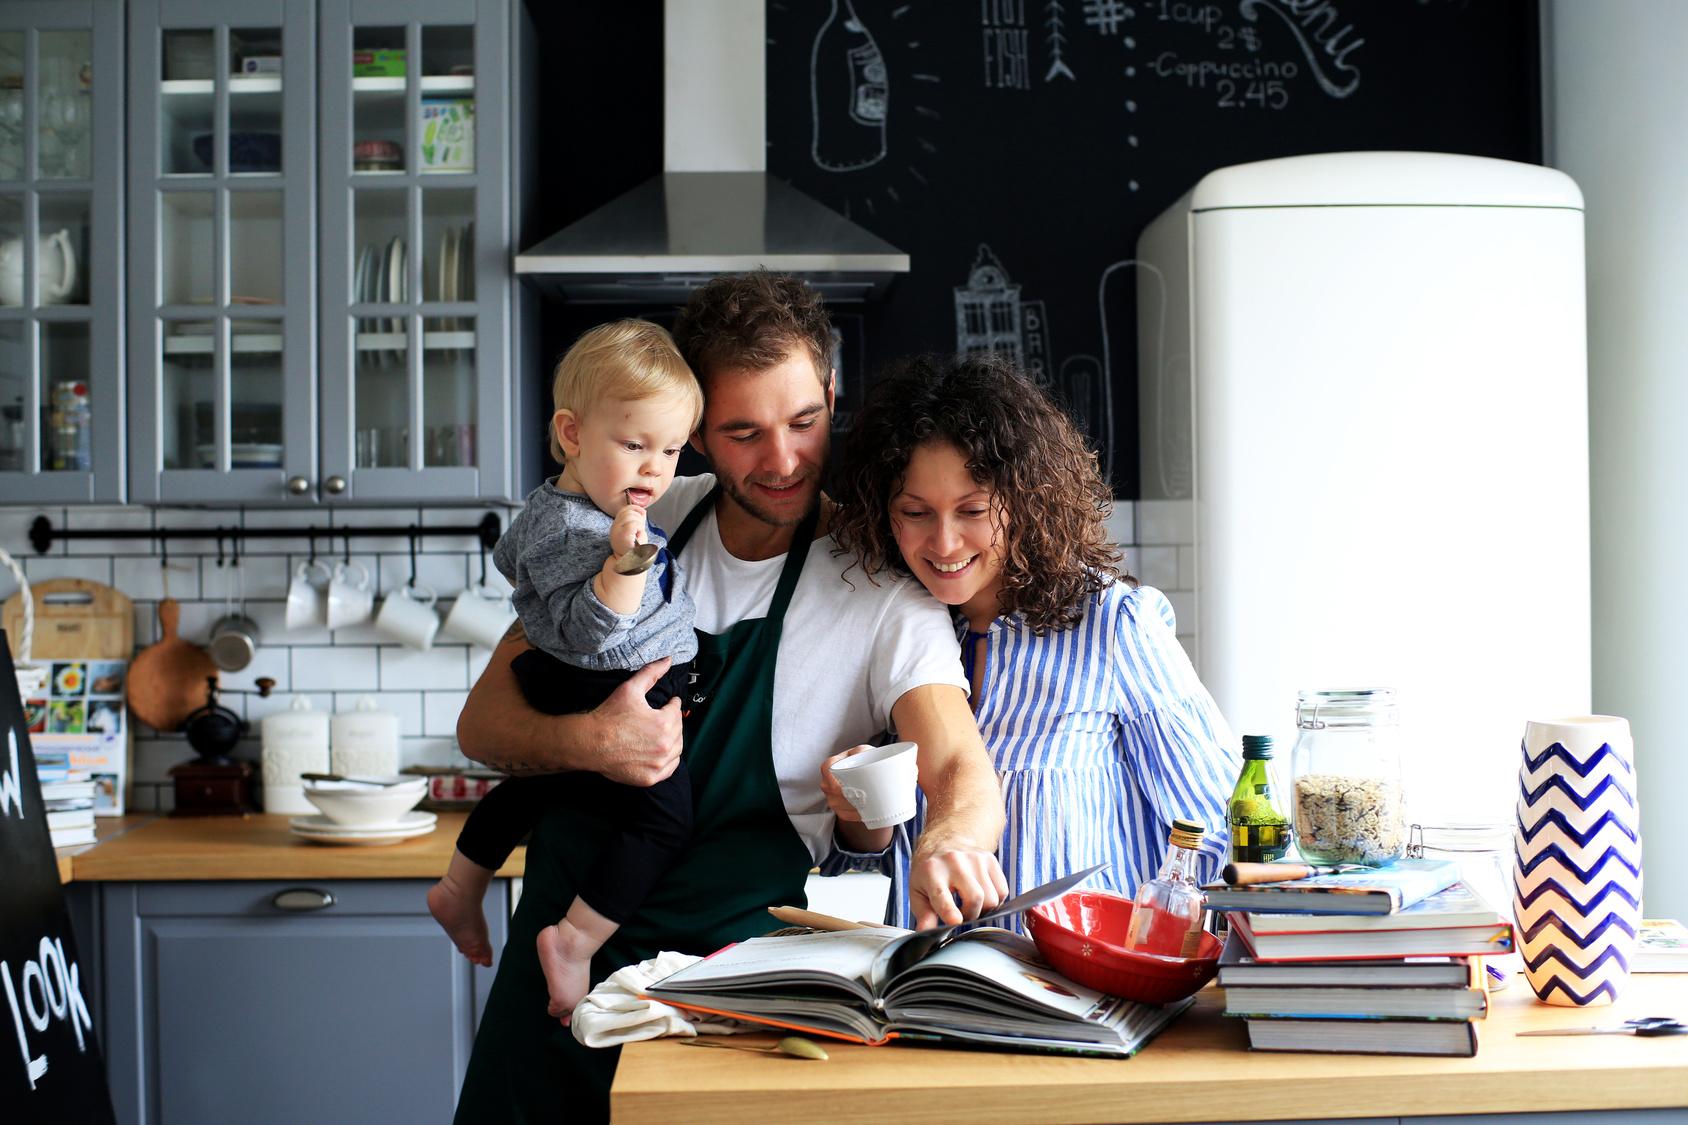 6 pomysłów na prezent dla miłośnika gadżetów kuchennych!